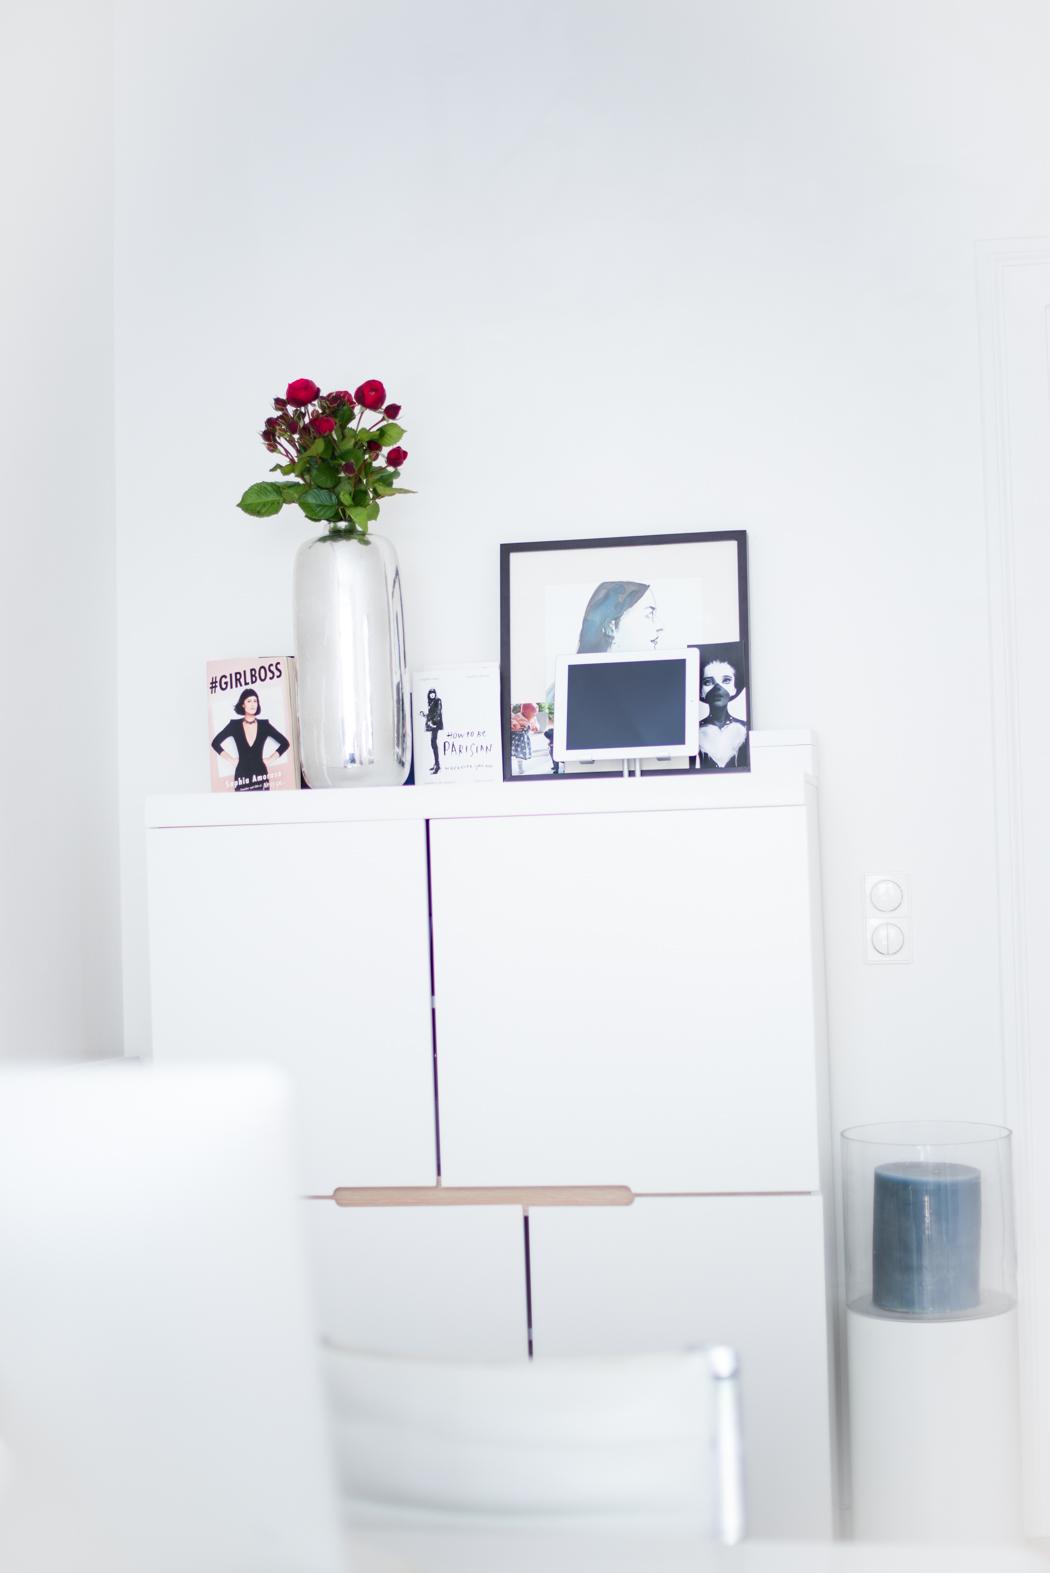 Fashionblog-Fashionblogger-Fashion-Blog-München-Deutschland-Munich-Lindarella-Linda-Rella-Büro-Arbeitszimmer-Interior-Interieur-Office-17